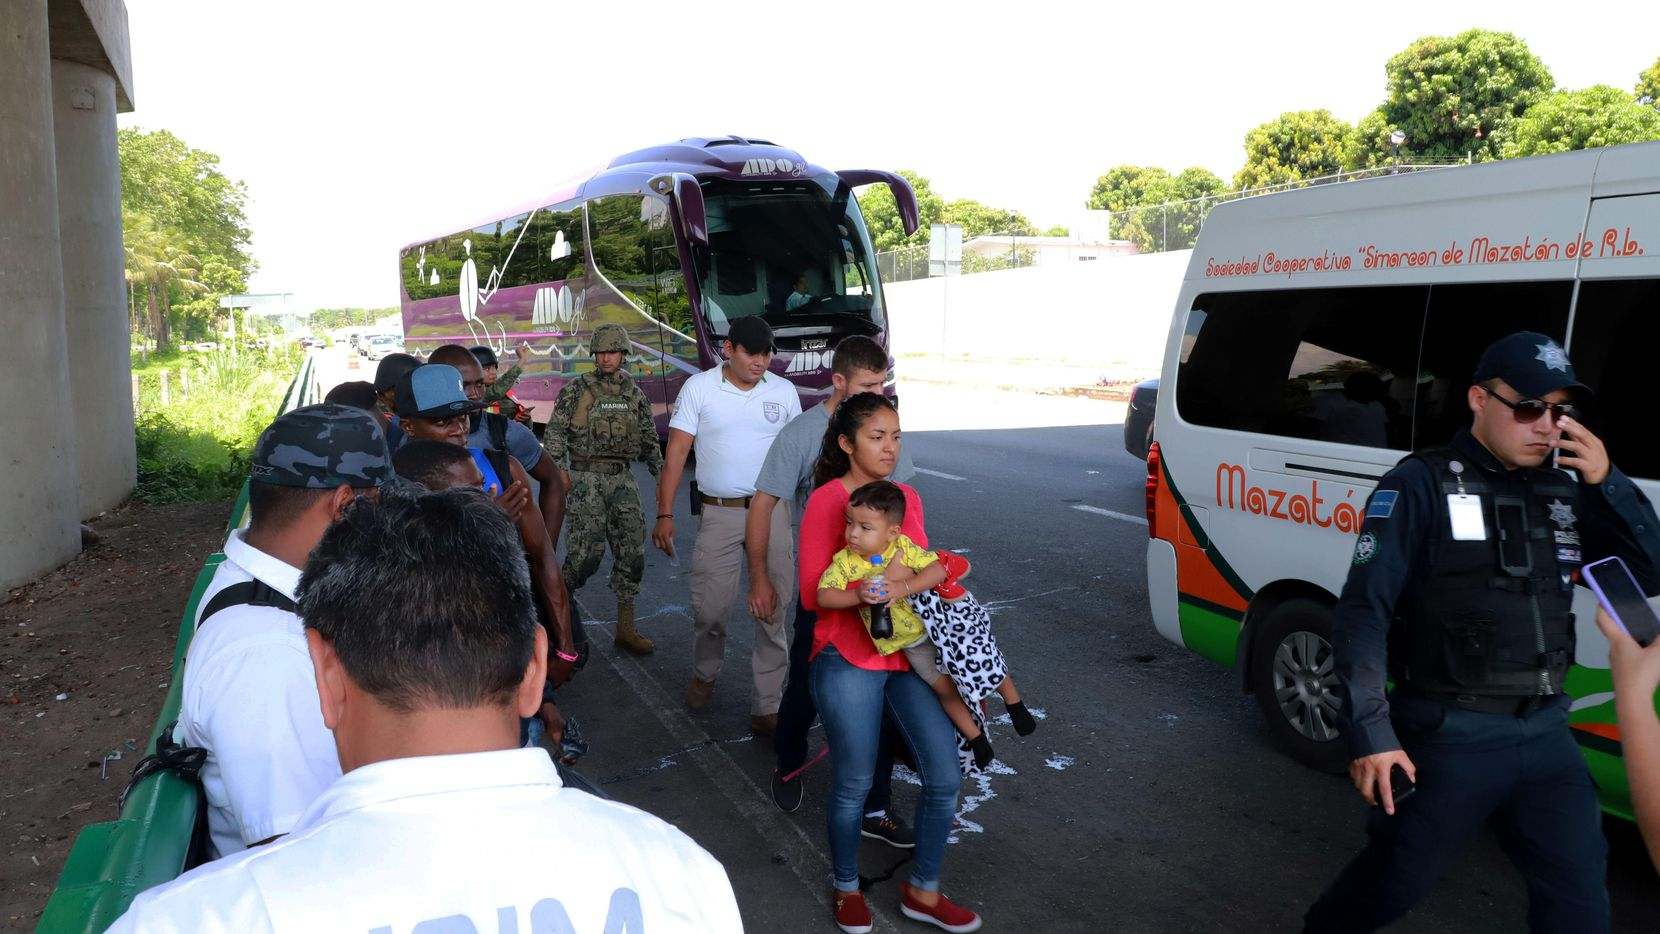 La Guardia Nacional de México y agentes del Instituto Nacional de Migración detienen a inmigrantes que viajan por autobús.(GETTY IMAGES)